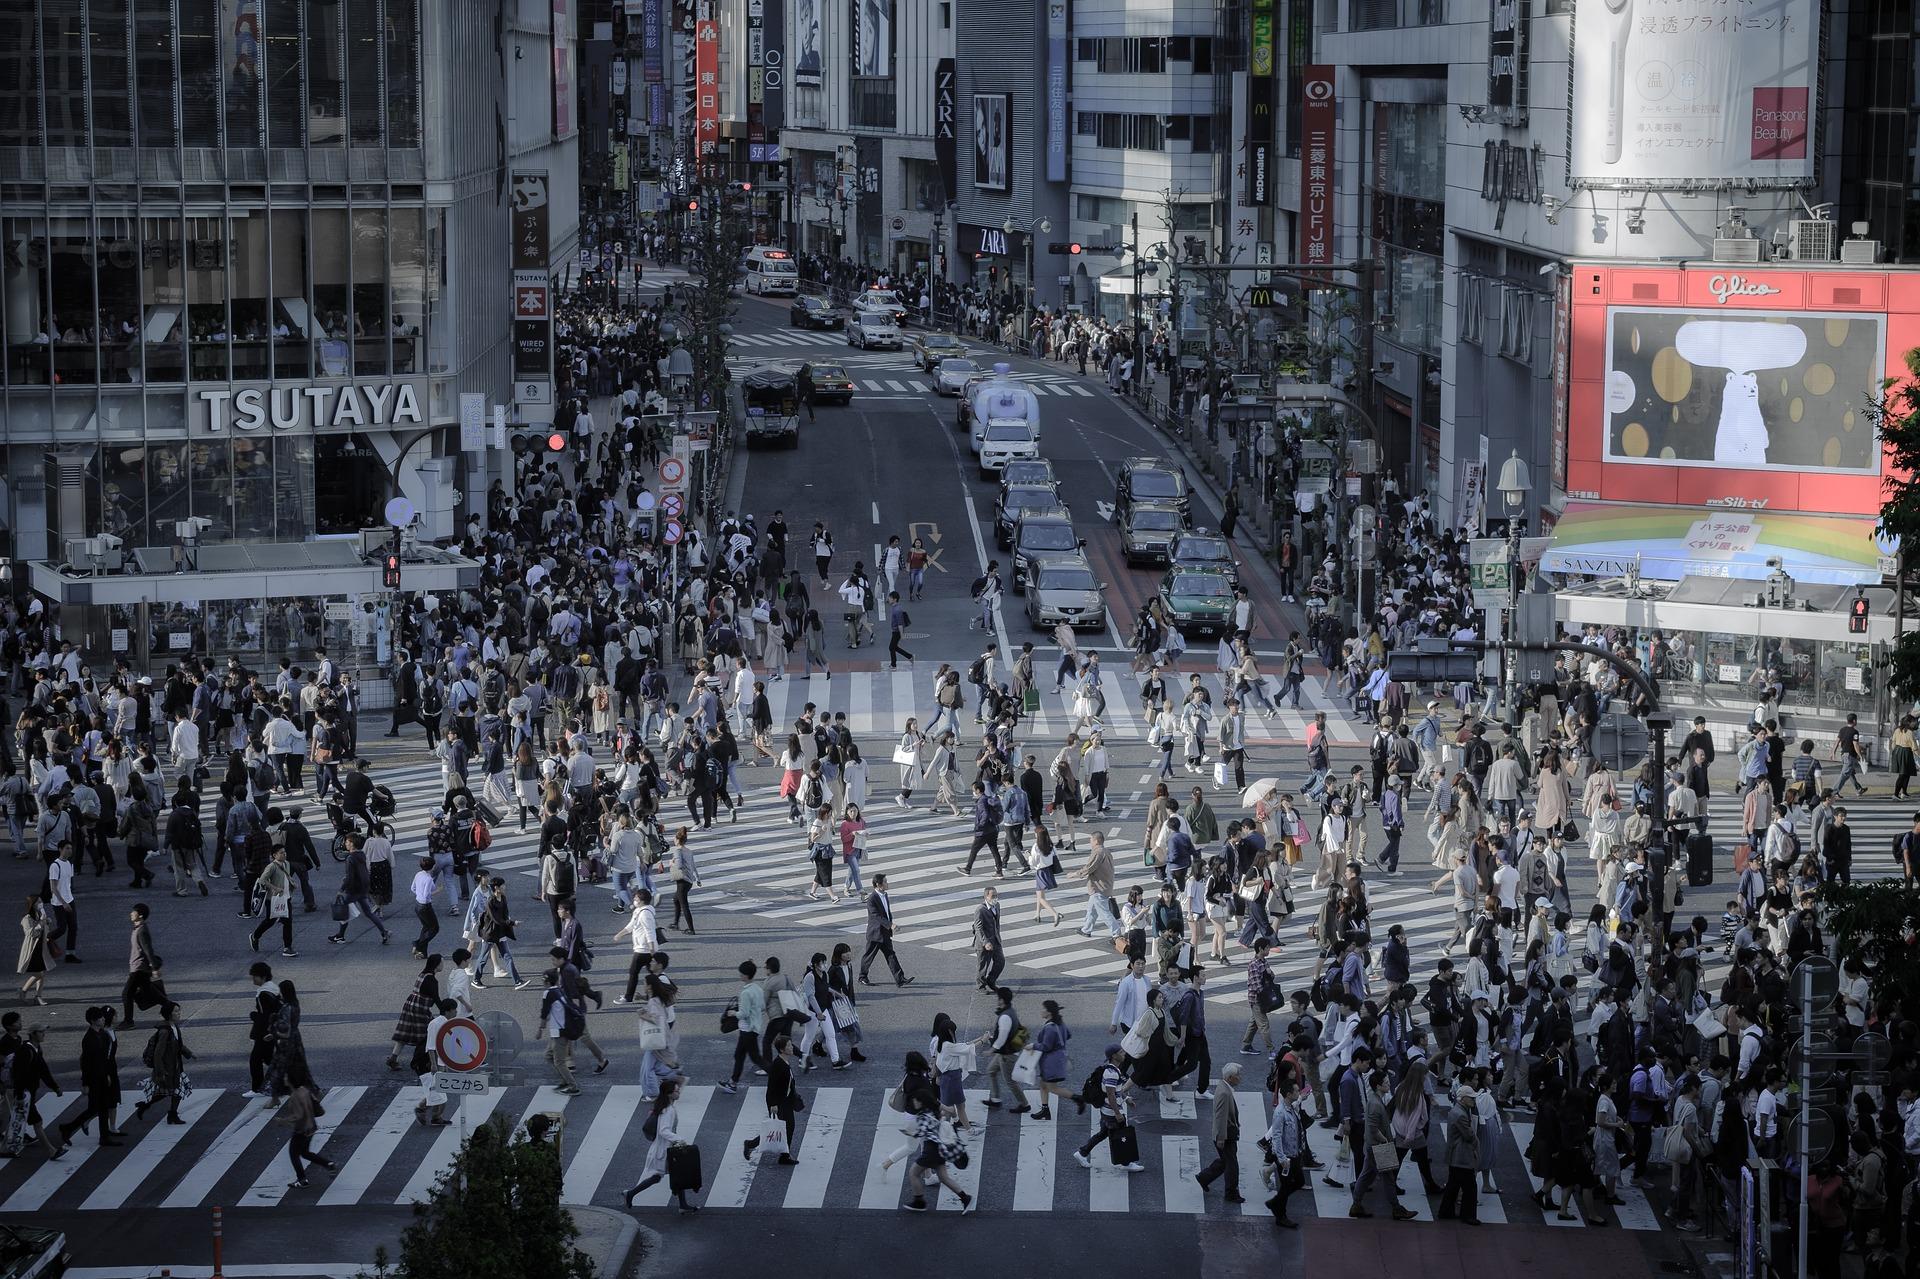 Ciudades latinoamericanas: debajo del promedio mundial de seguridad humana integral